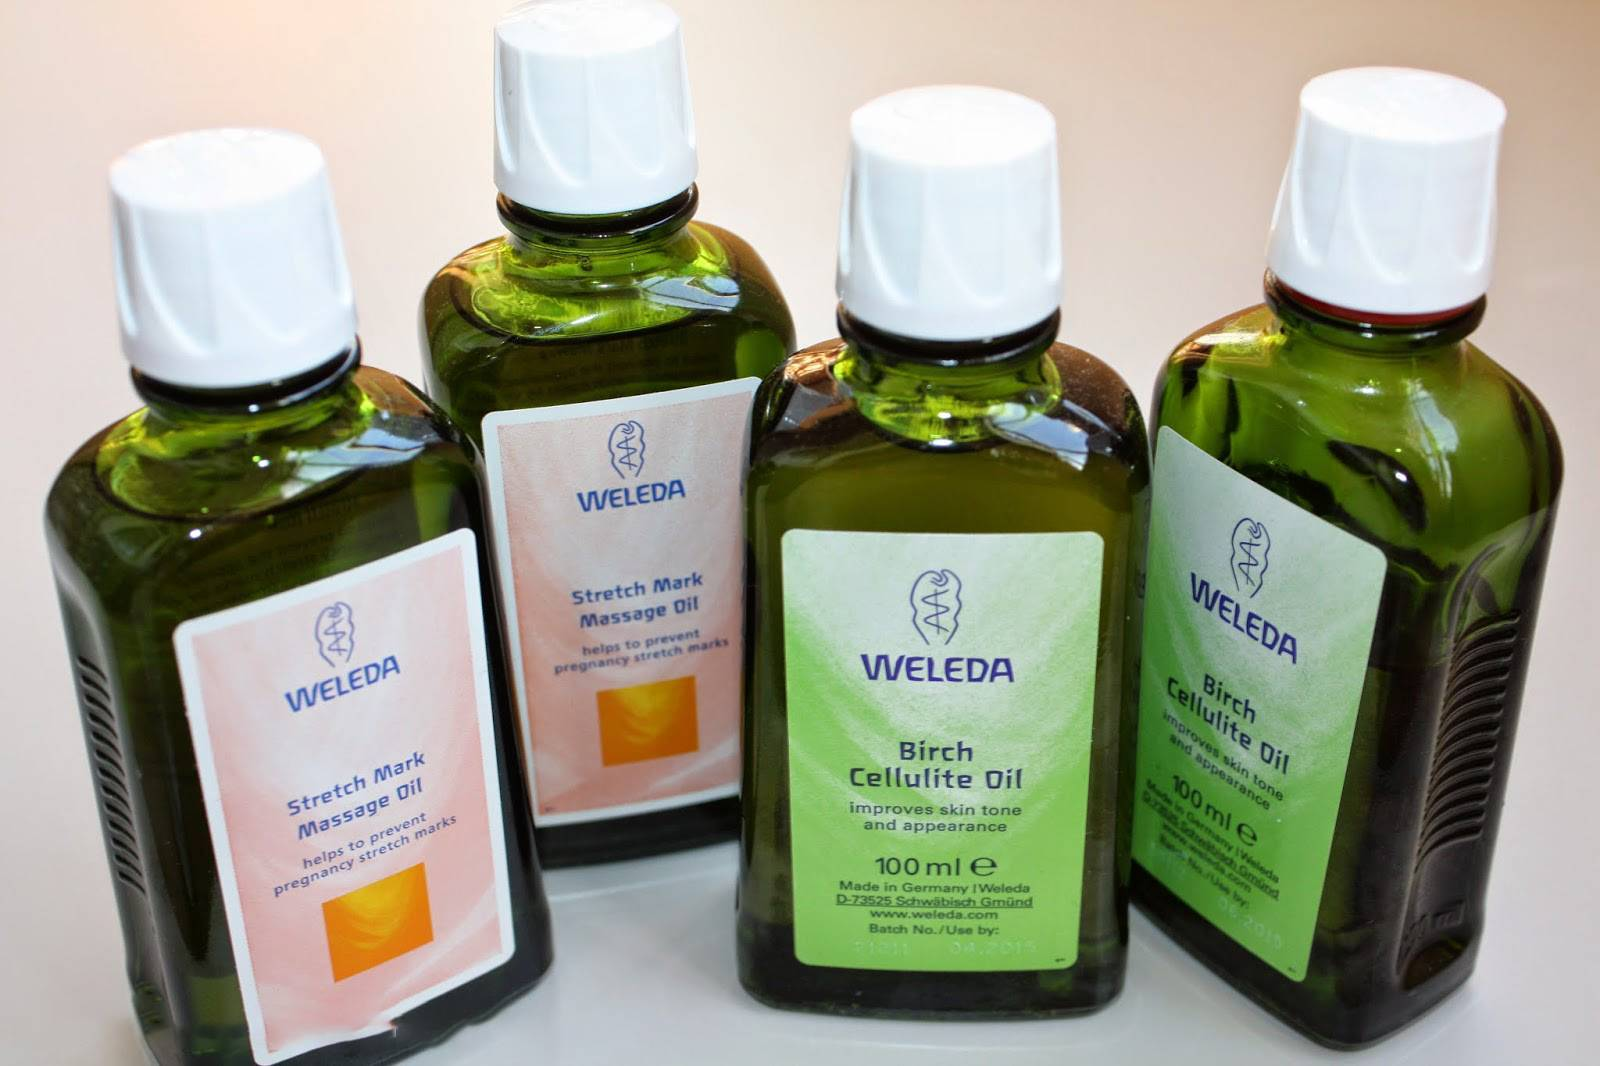 Применение миндального масла от растяжек при беременности